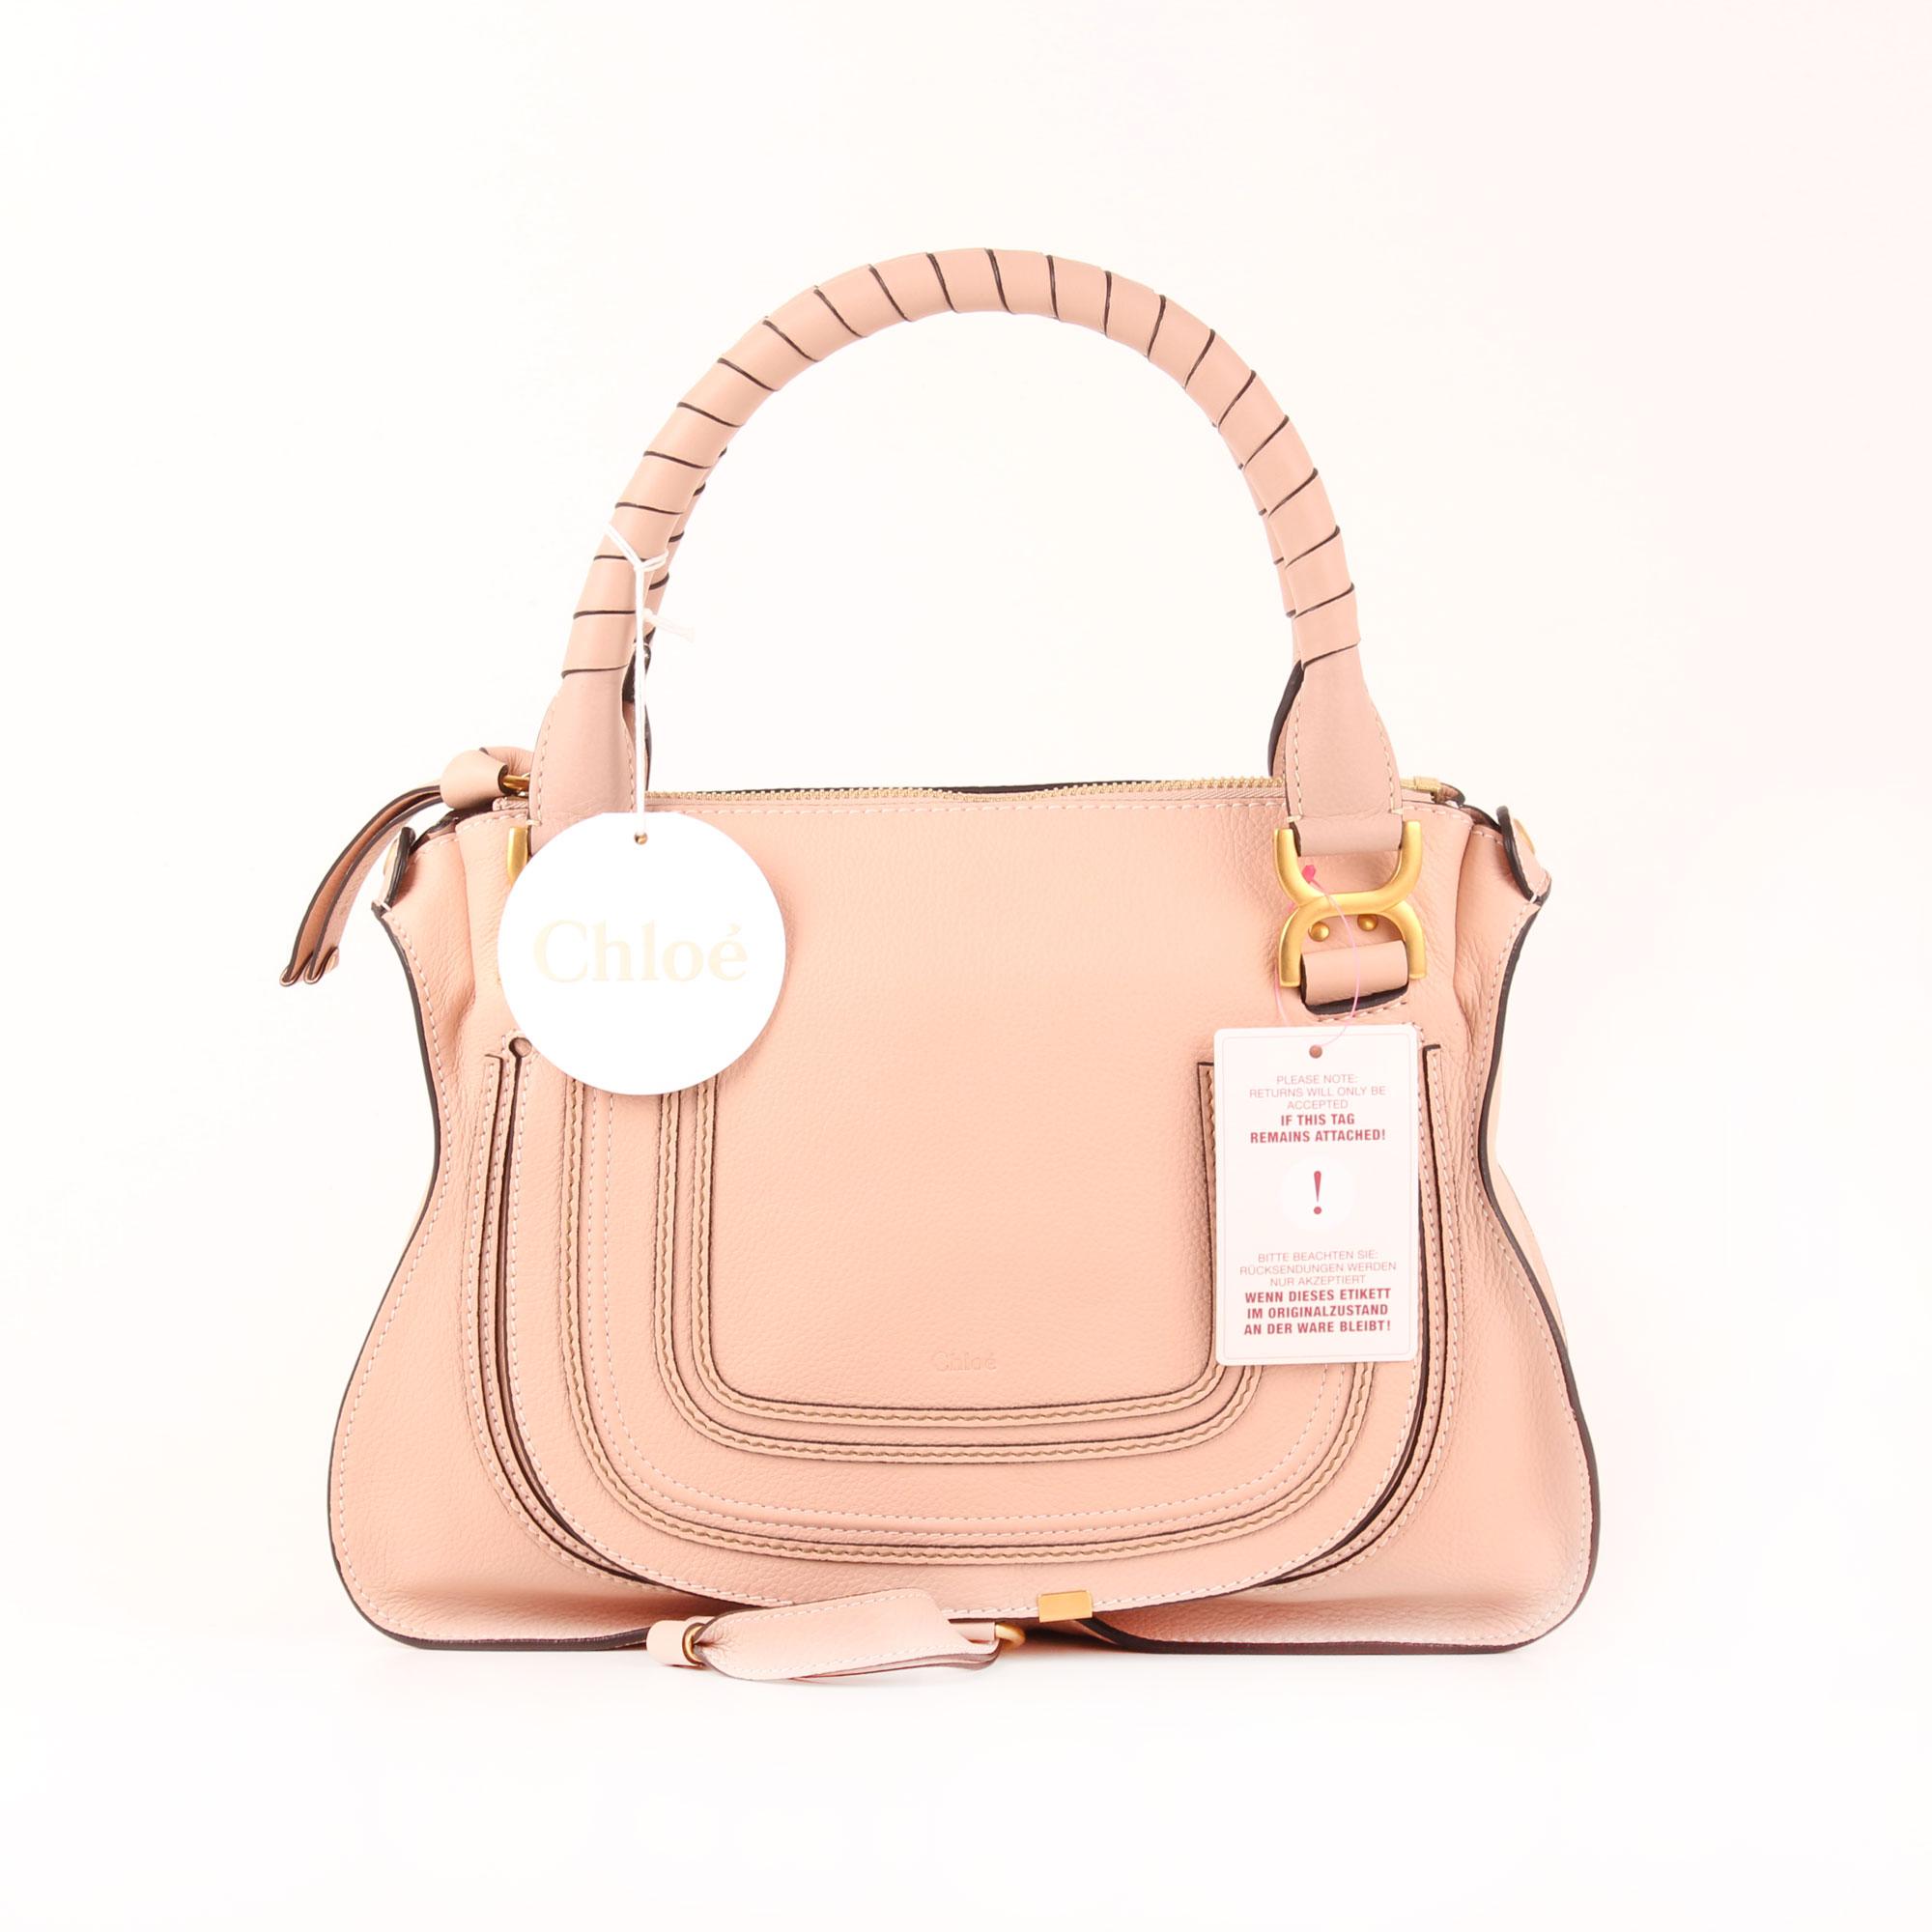 d4d85fd1363 Chloé Bag